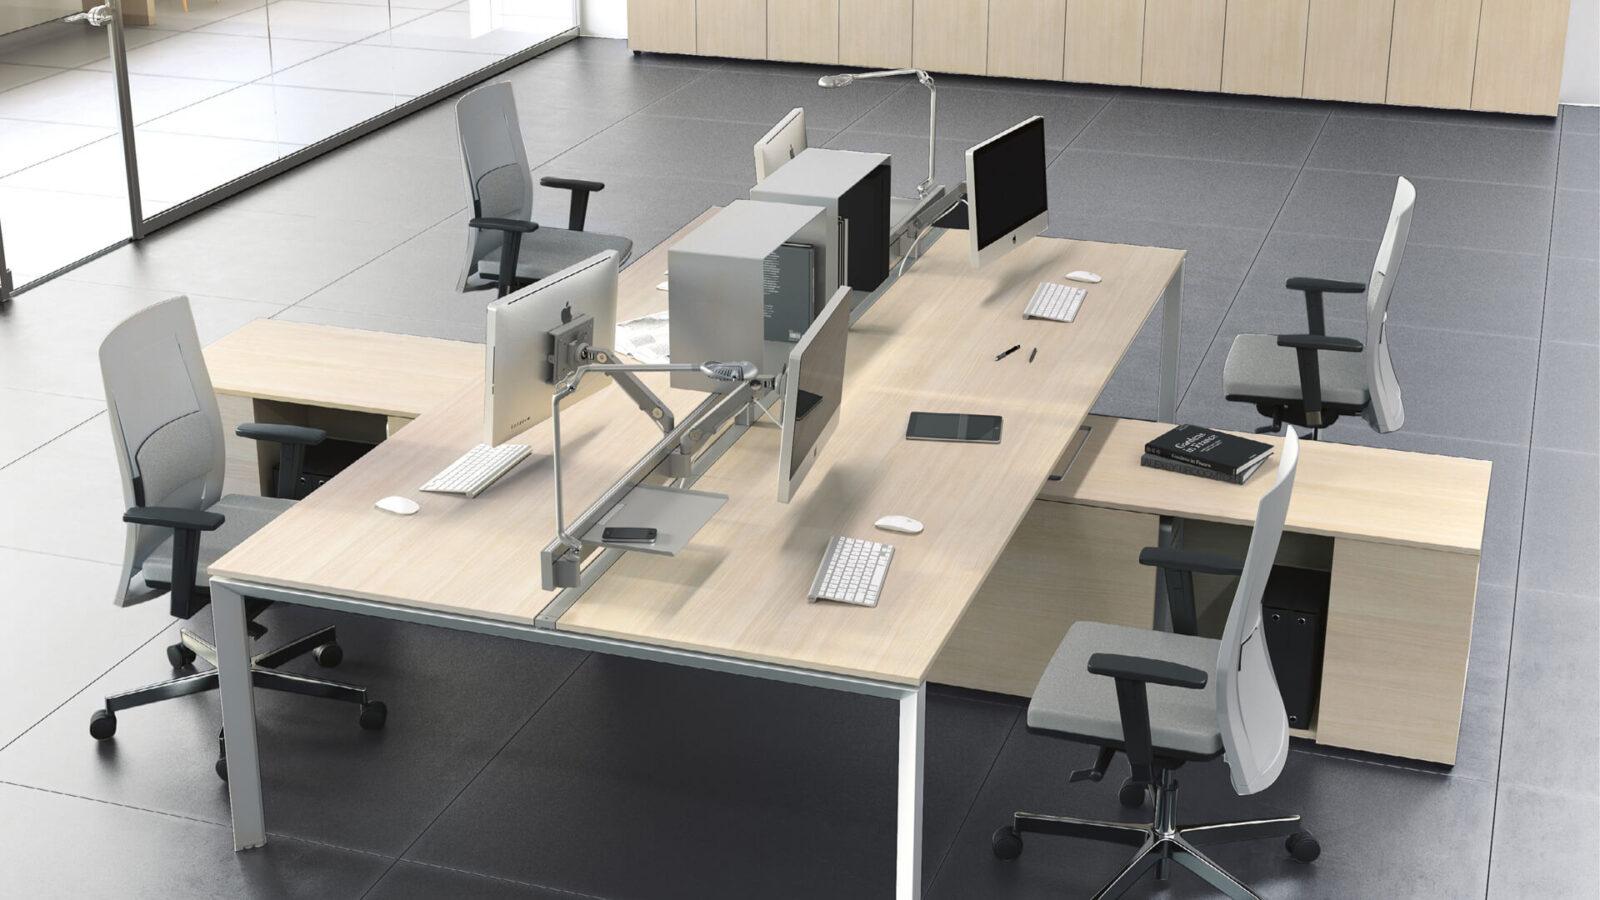 Uffici operativi mobili sedute per ufficio torino adv eu for Aziende mobili per ufficio